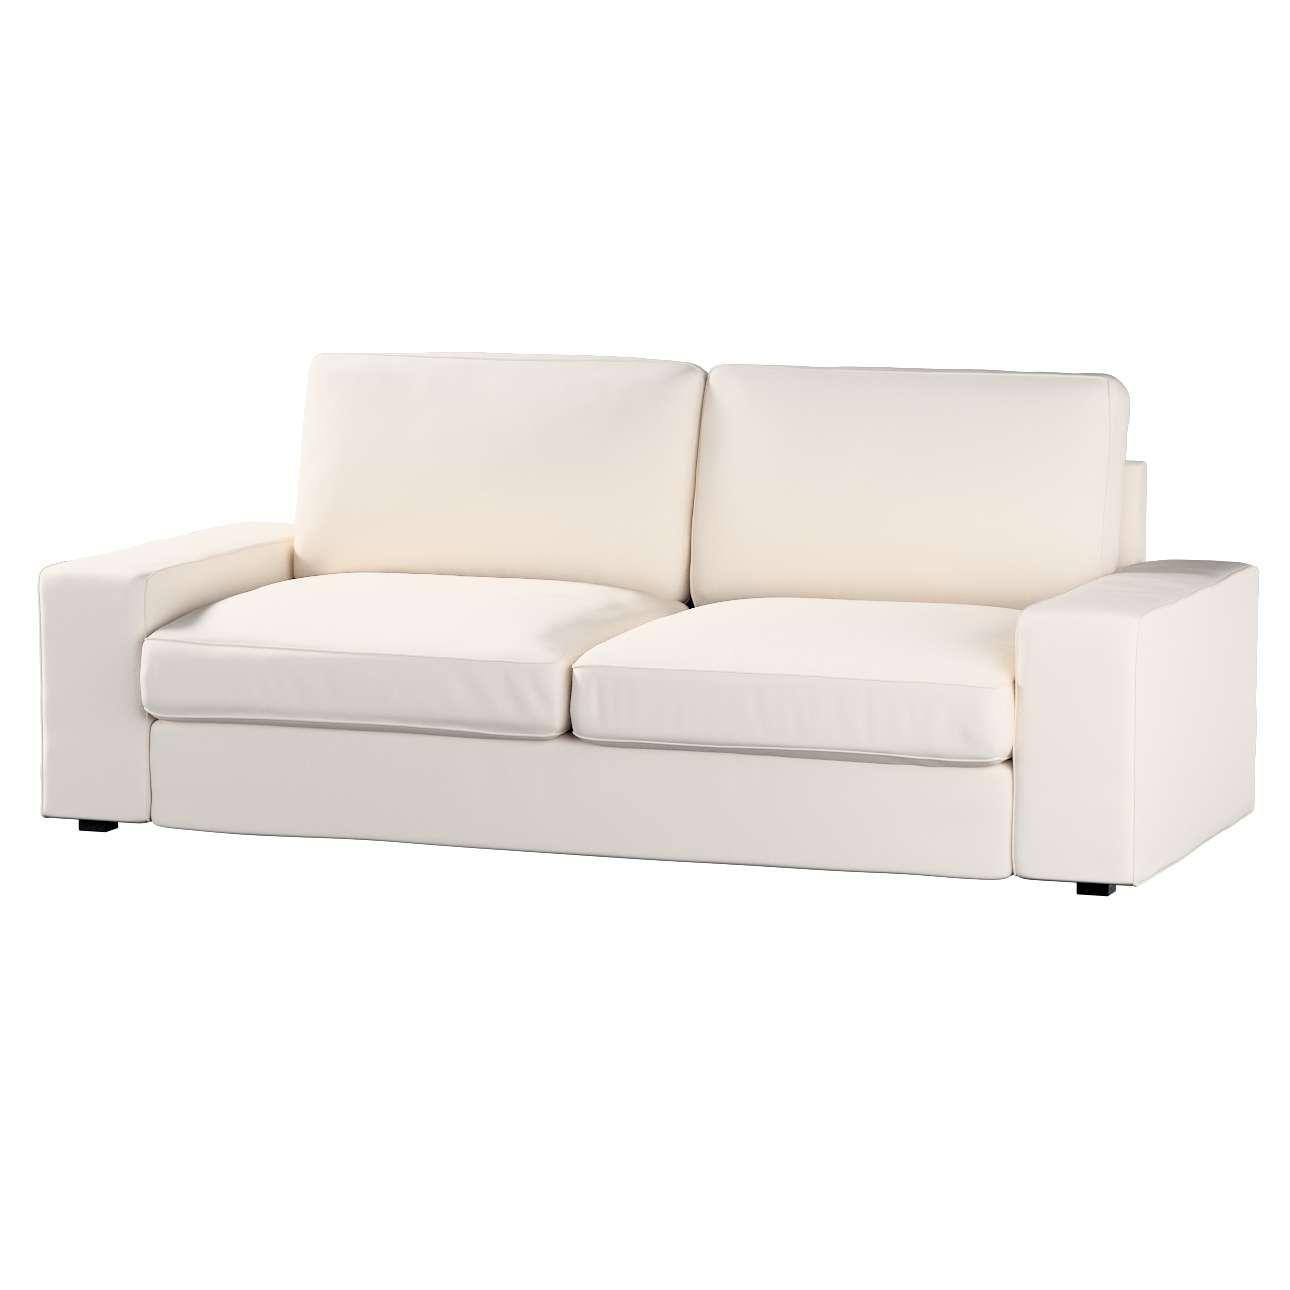 Pokrowiec na sofę Kivik 3-osobową, nierozkładaną Sofa Kivik 3-osobowa nierozkładana w kolekcji Etna , tkanina: 705-01